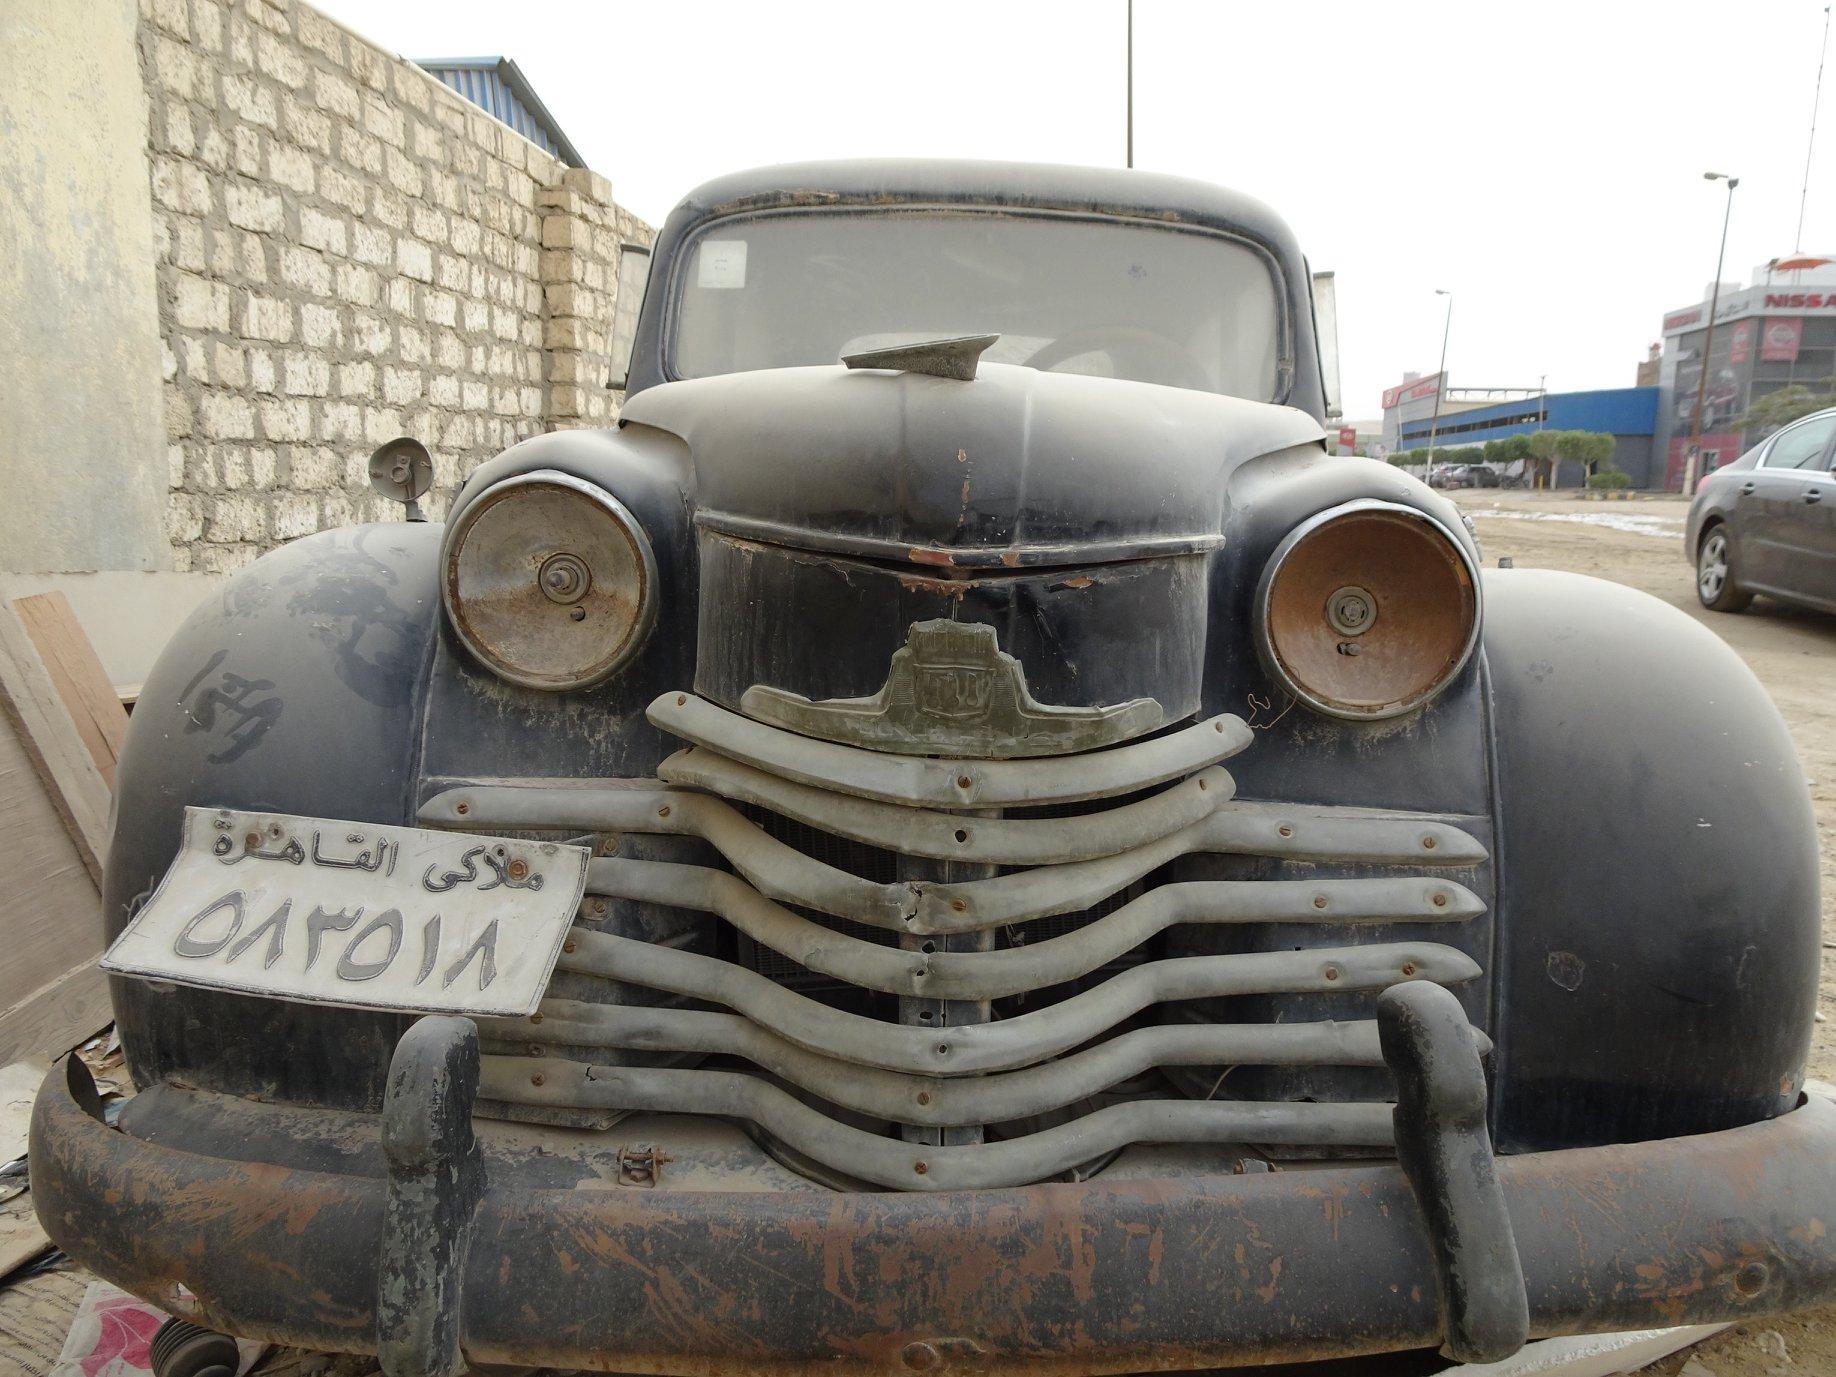 Opel-Olympia-1950-1953-cairo-